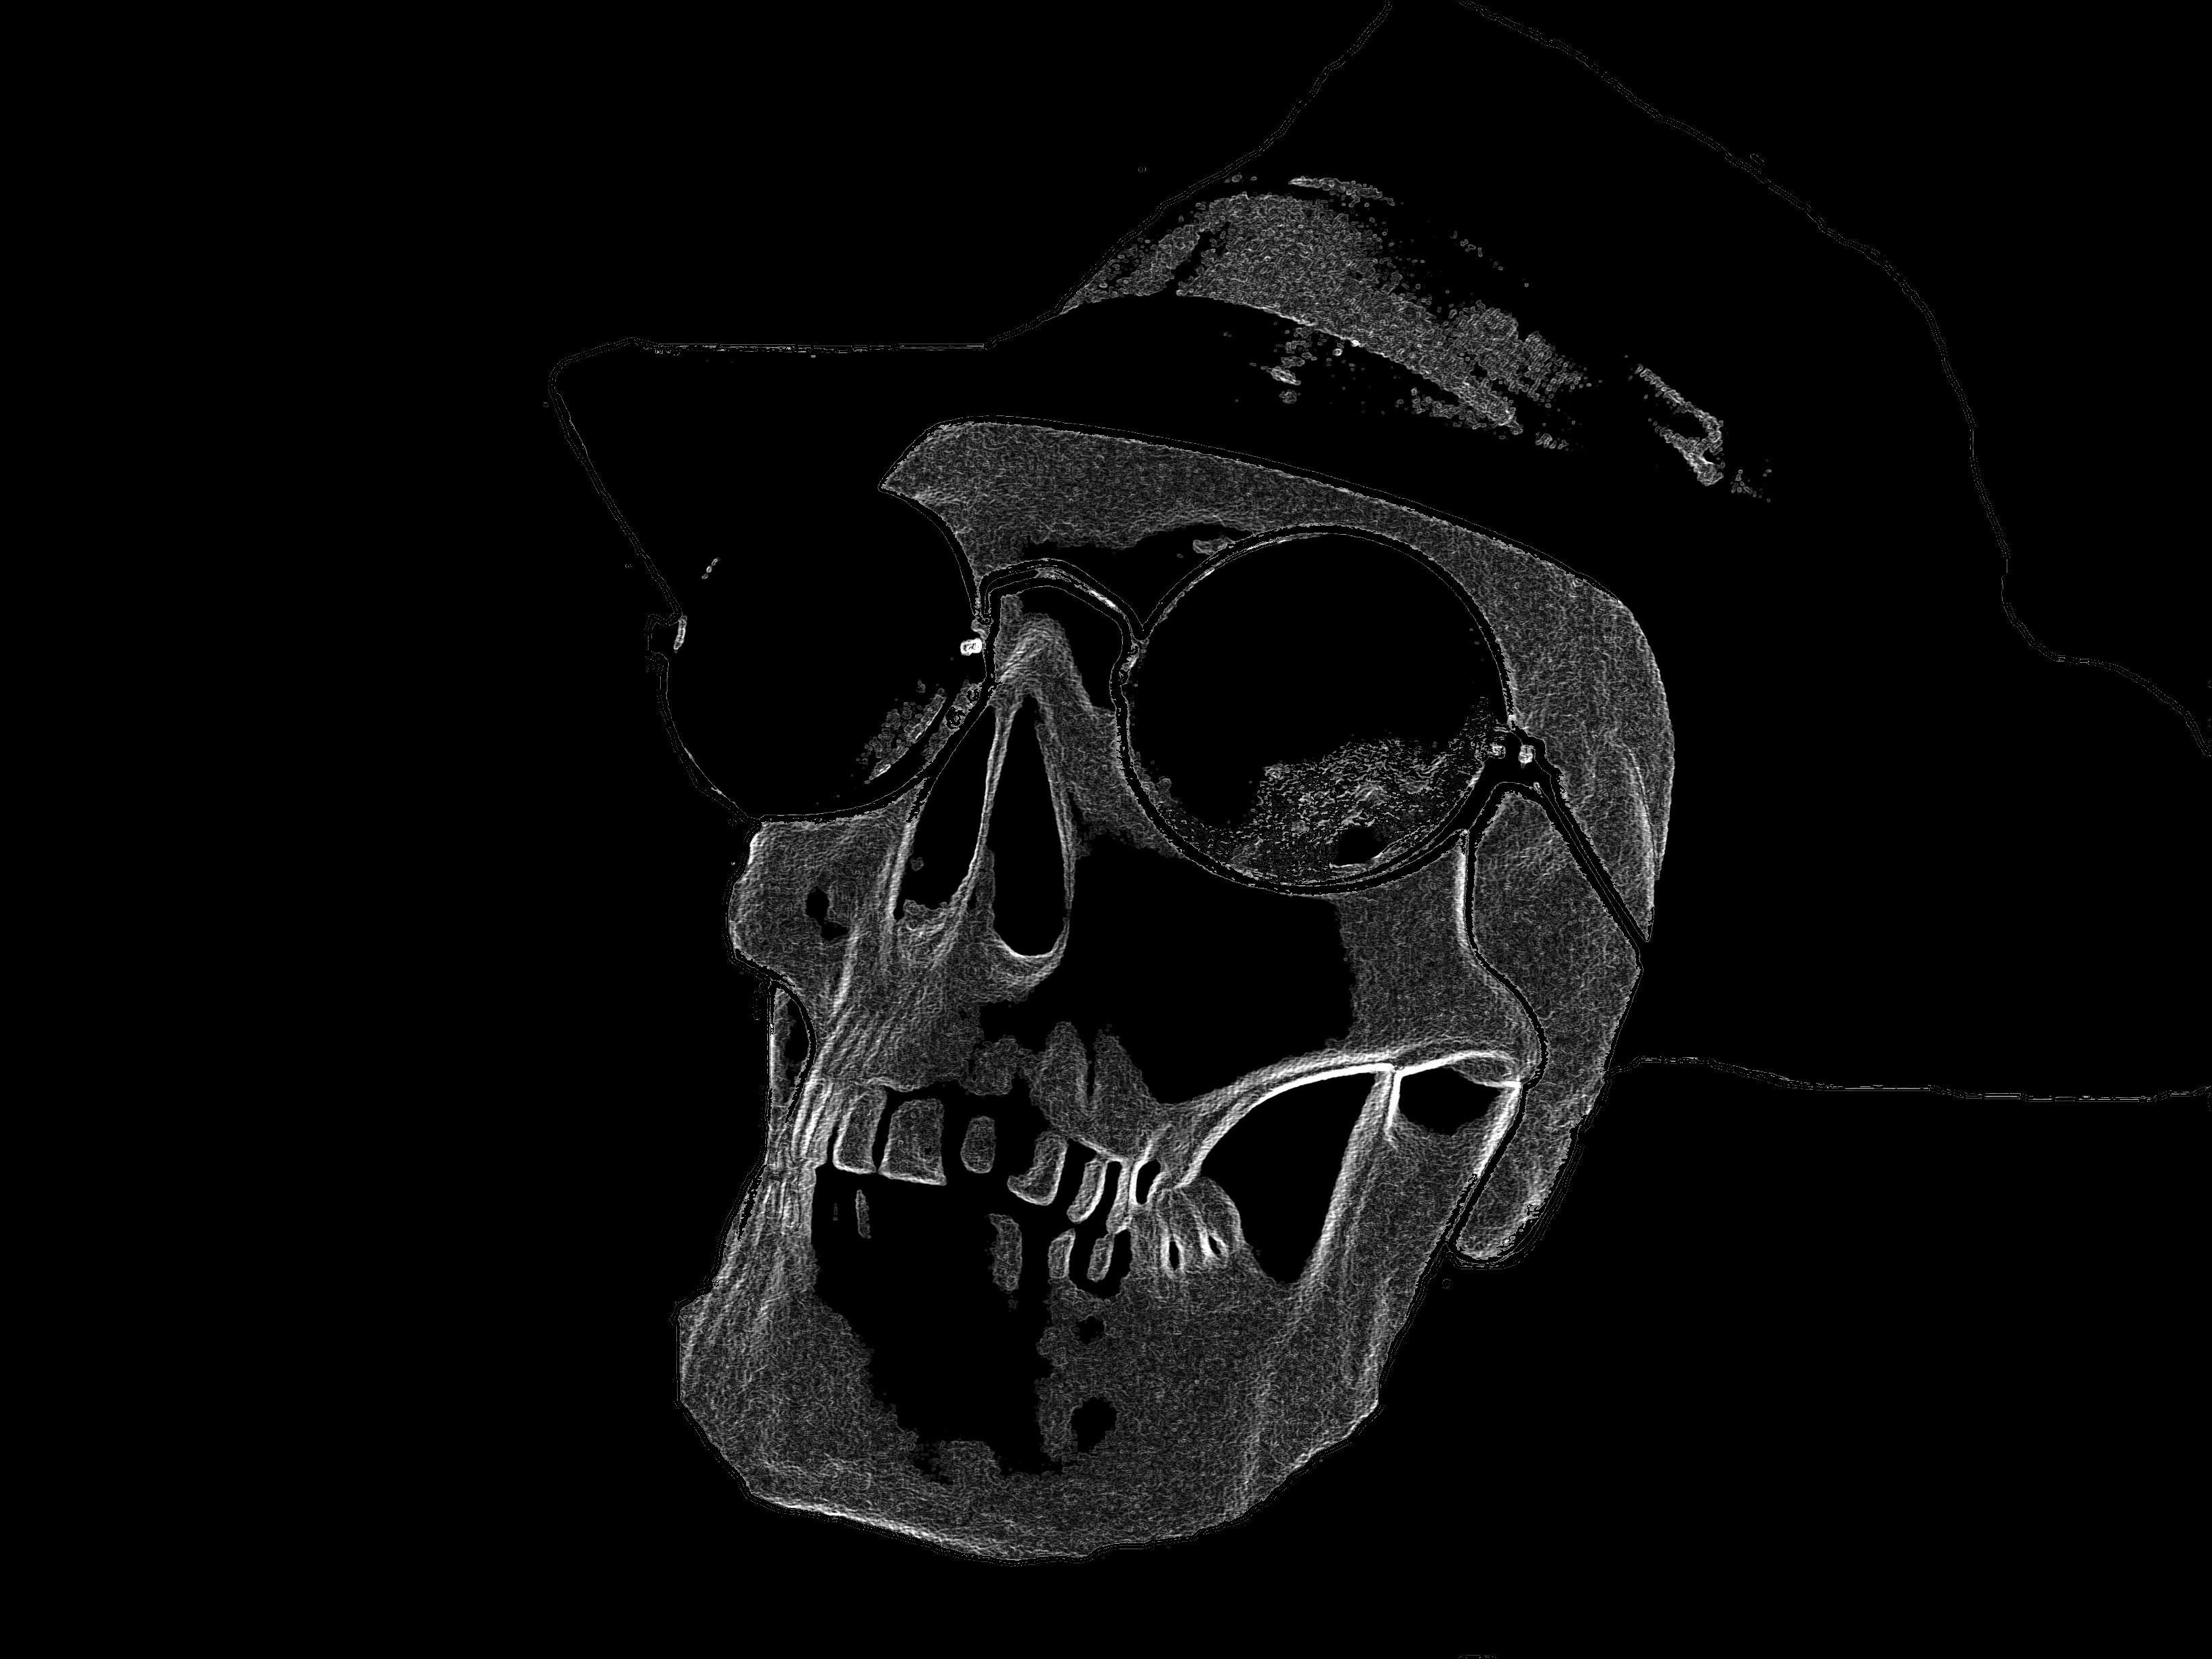 Computer wallpaper skull 3264x2448